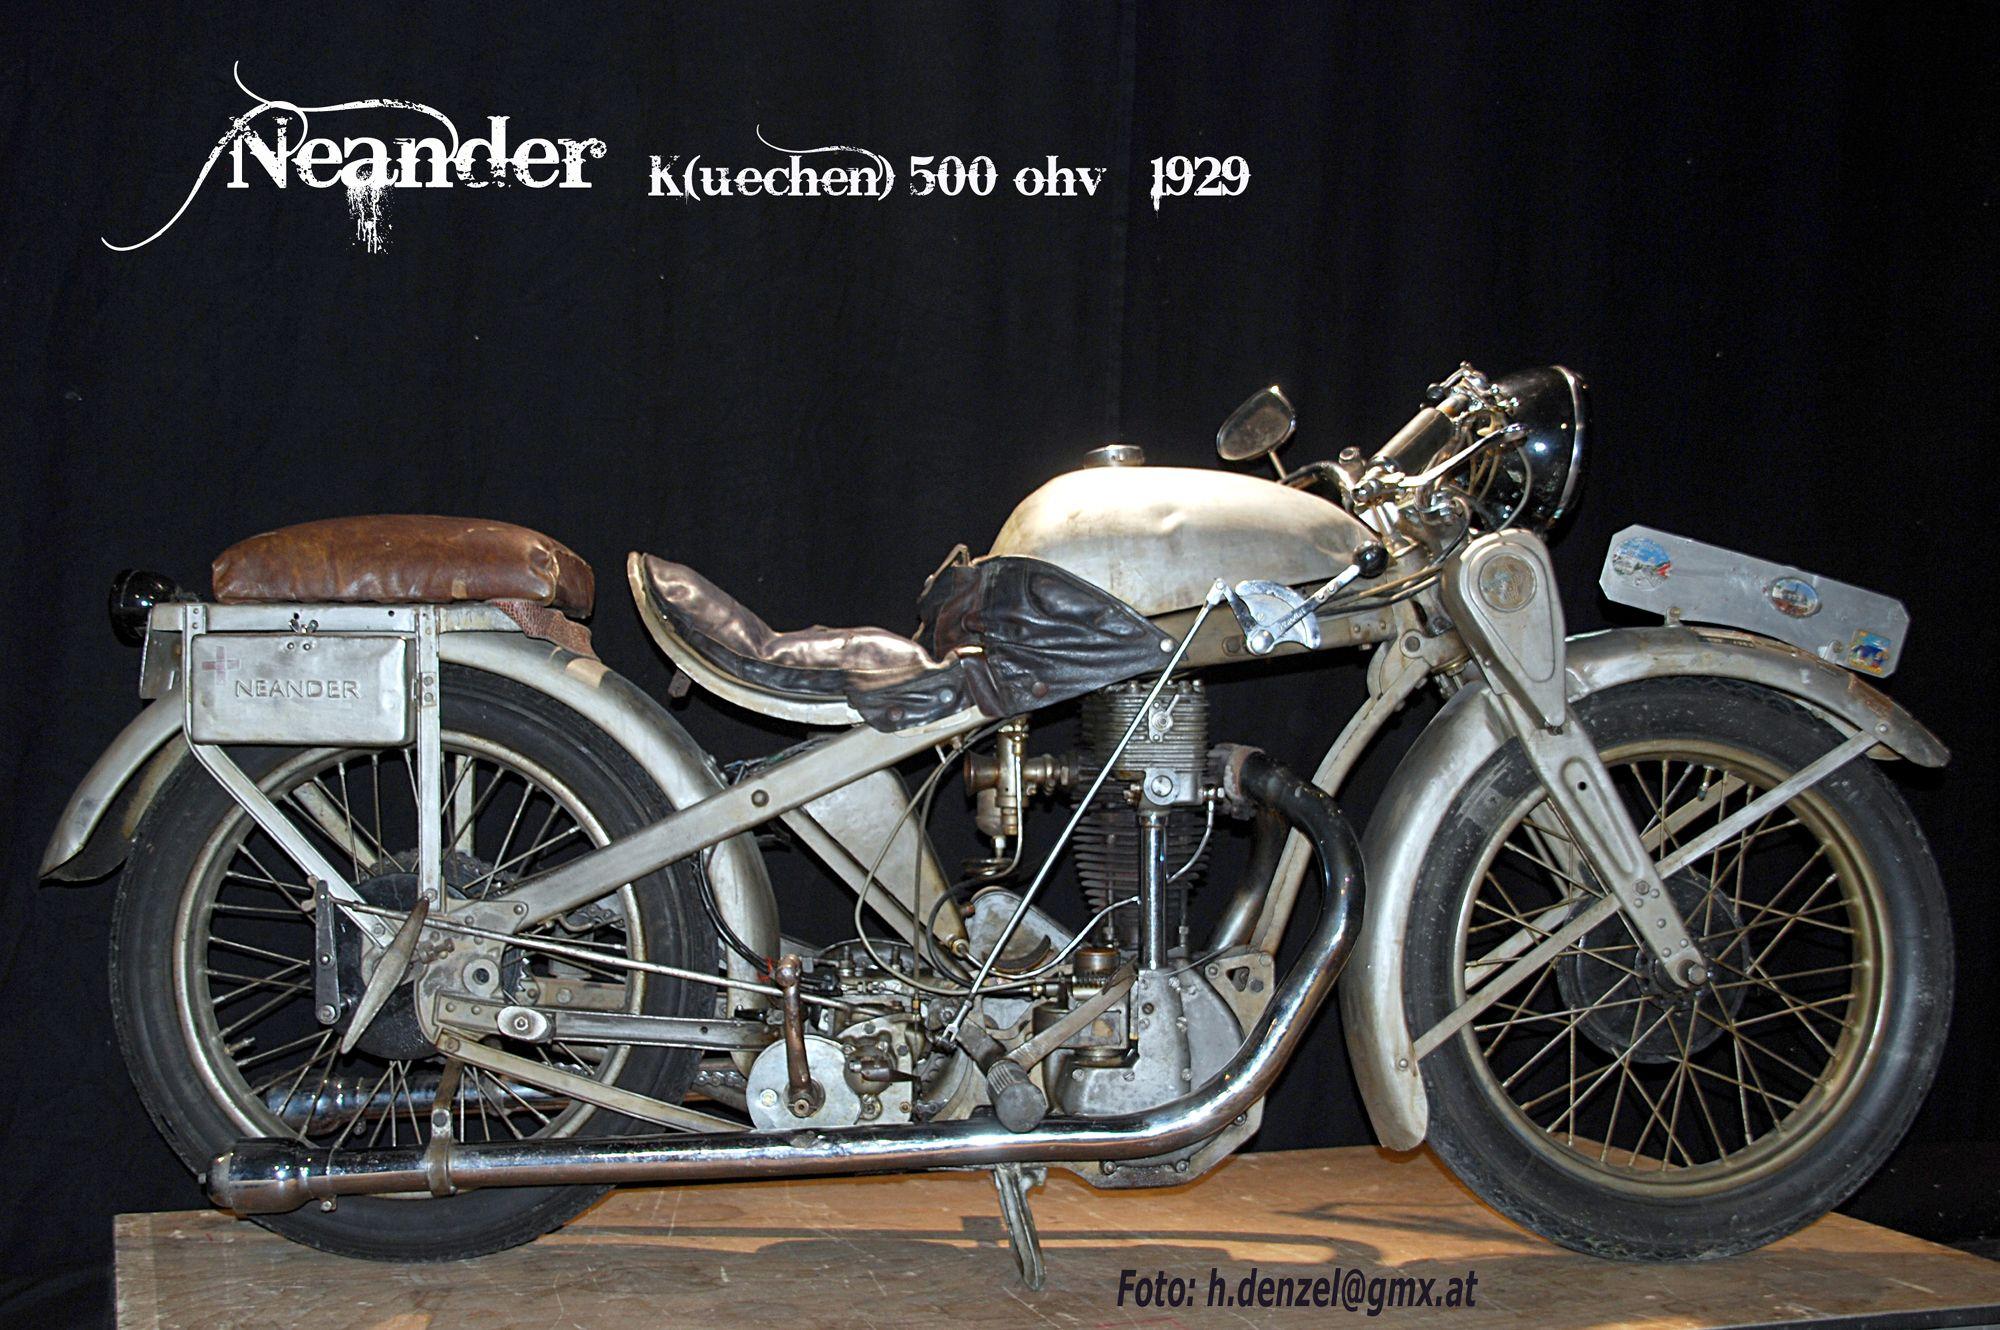 Neander K 500 (Küchen ioe) 1929 | Benzinradl